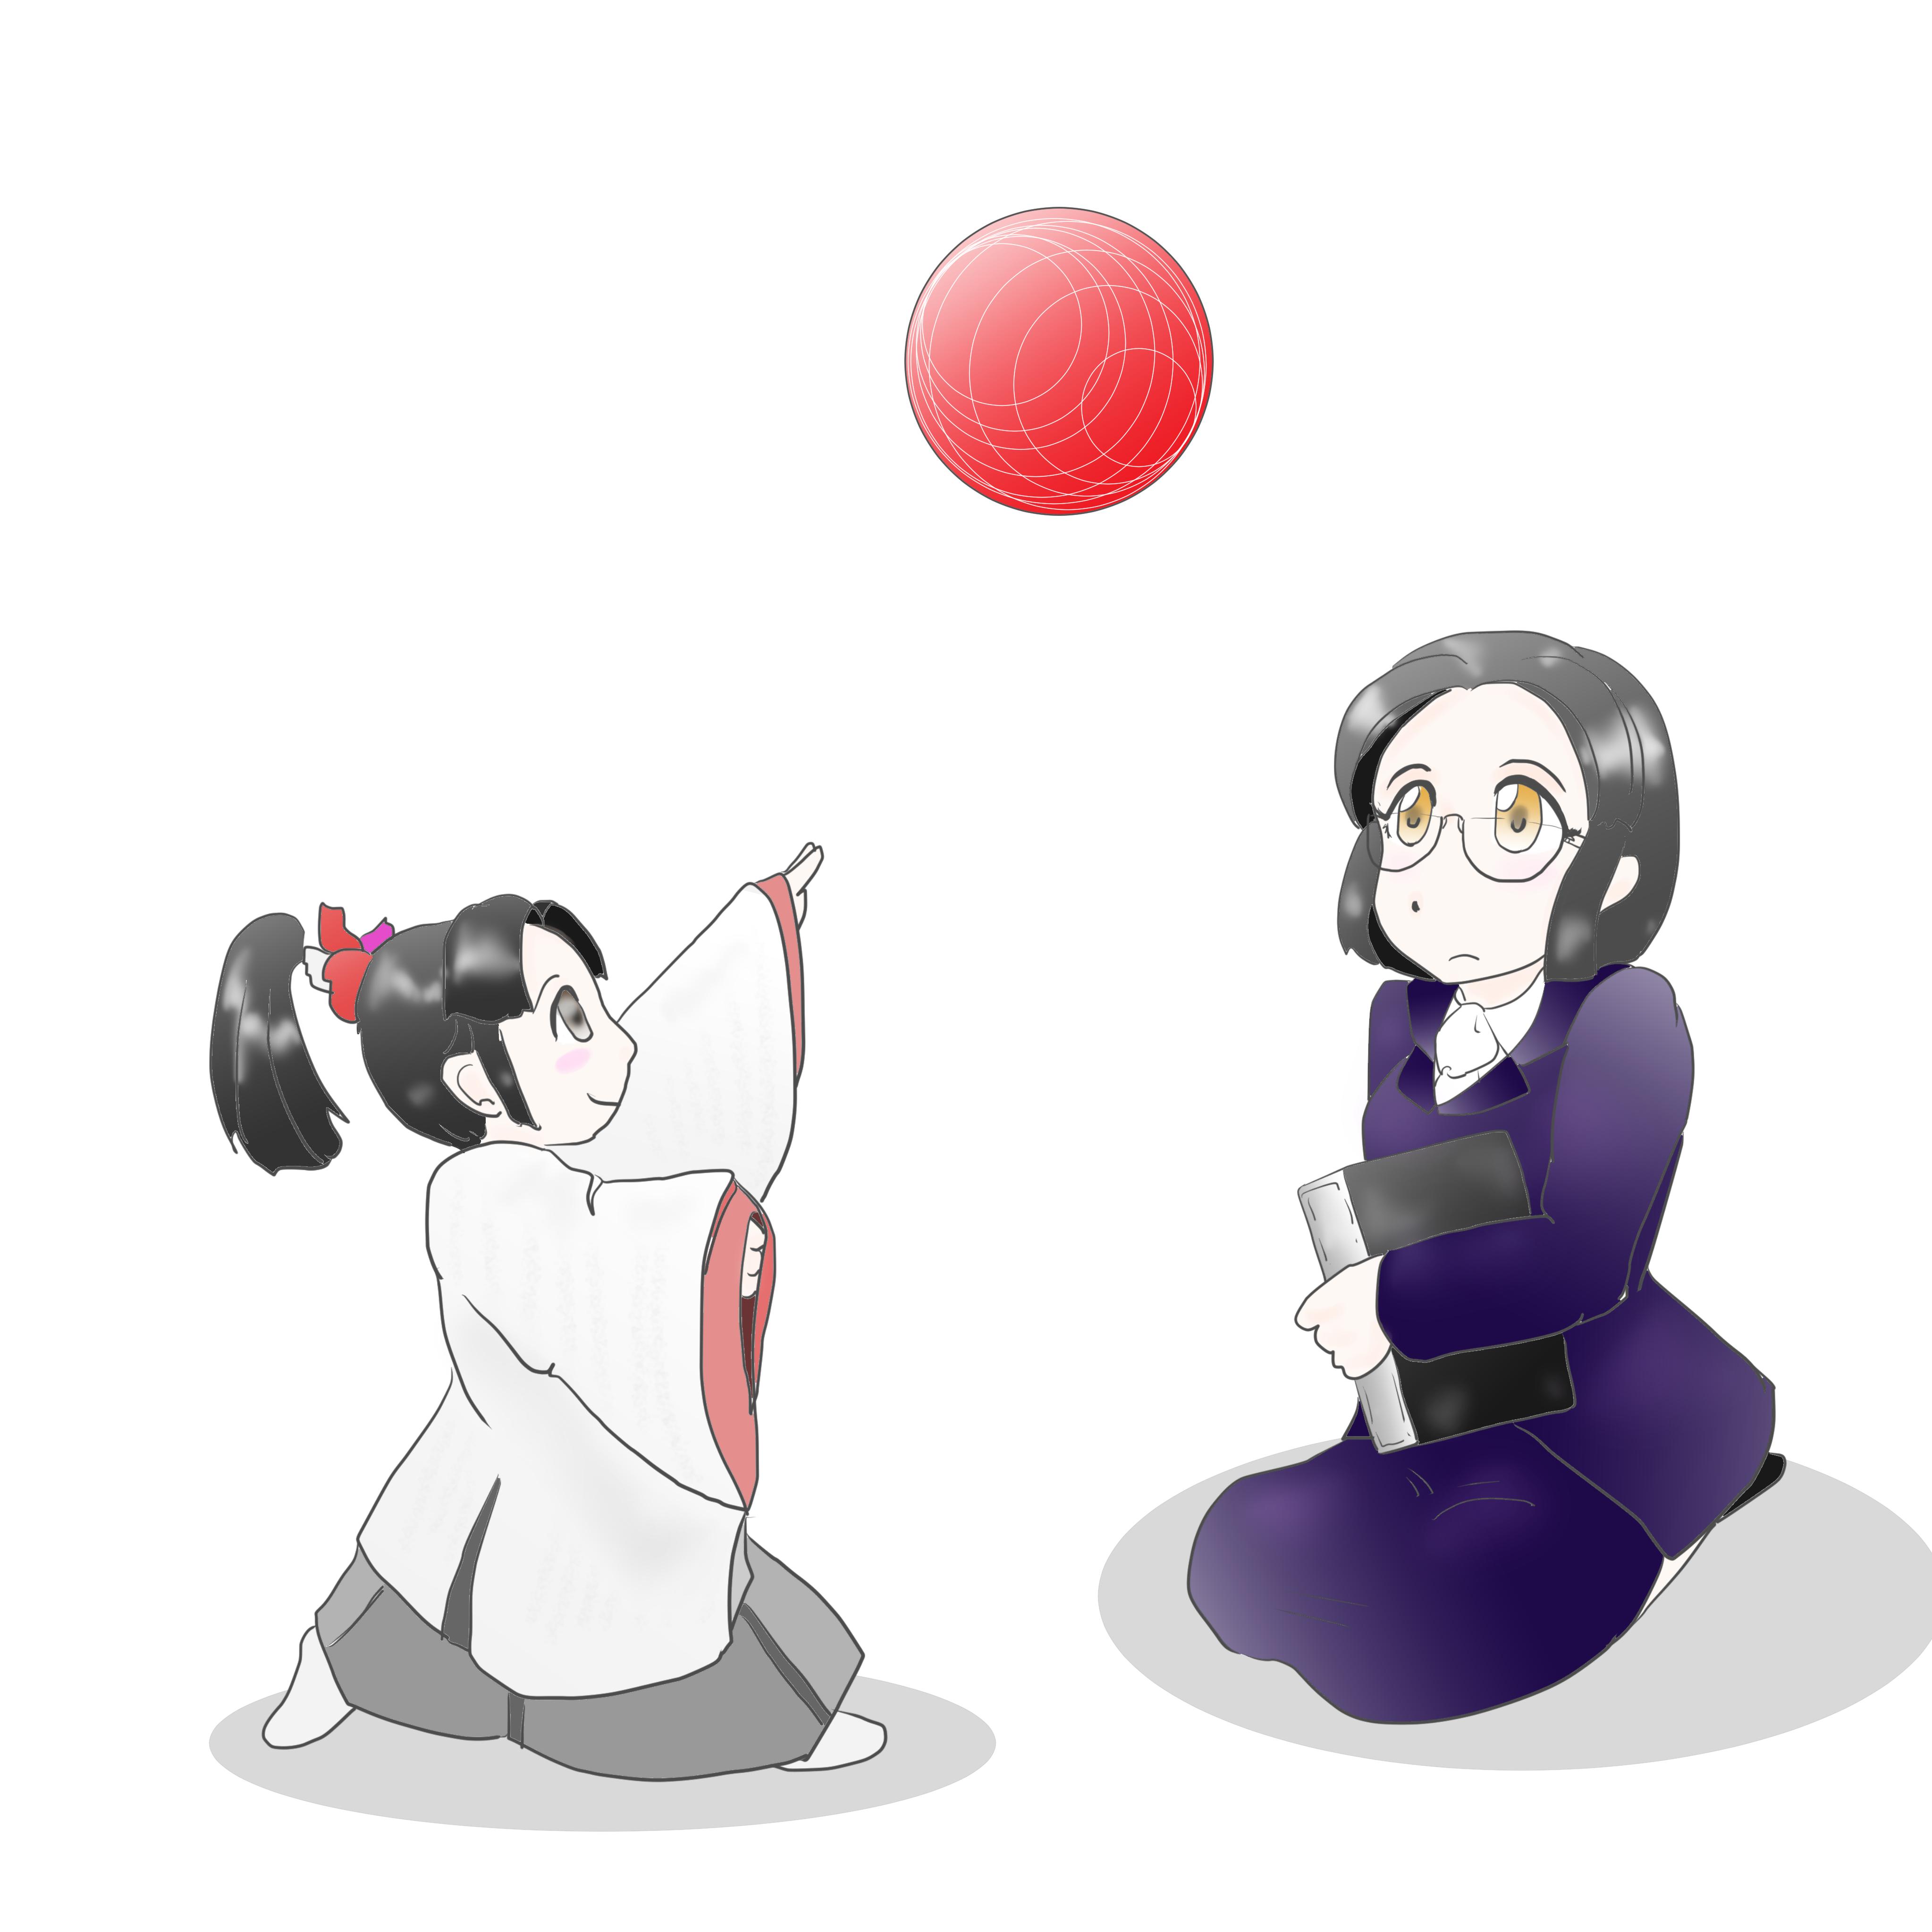 環と秘所さん